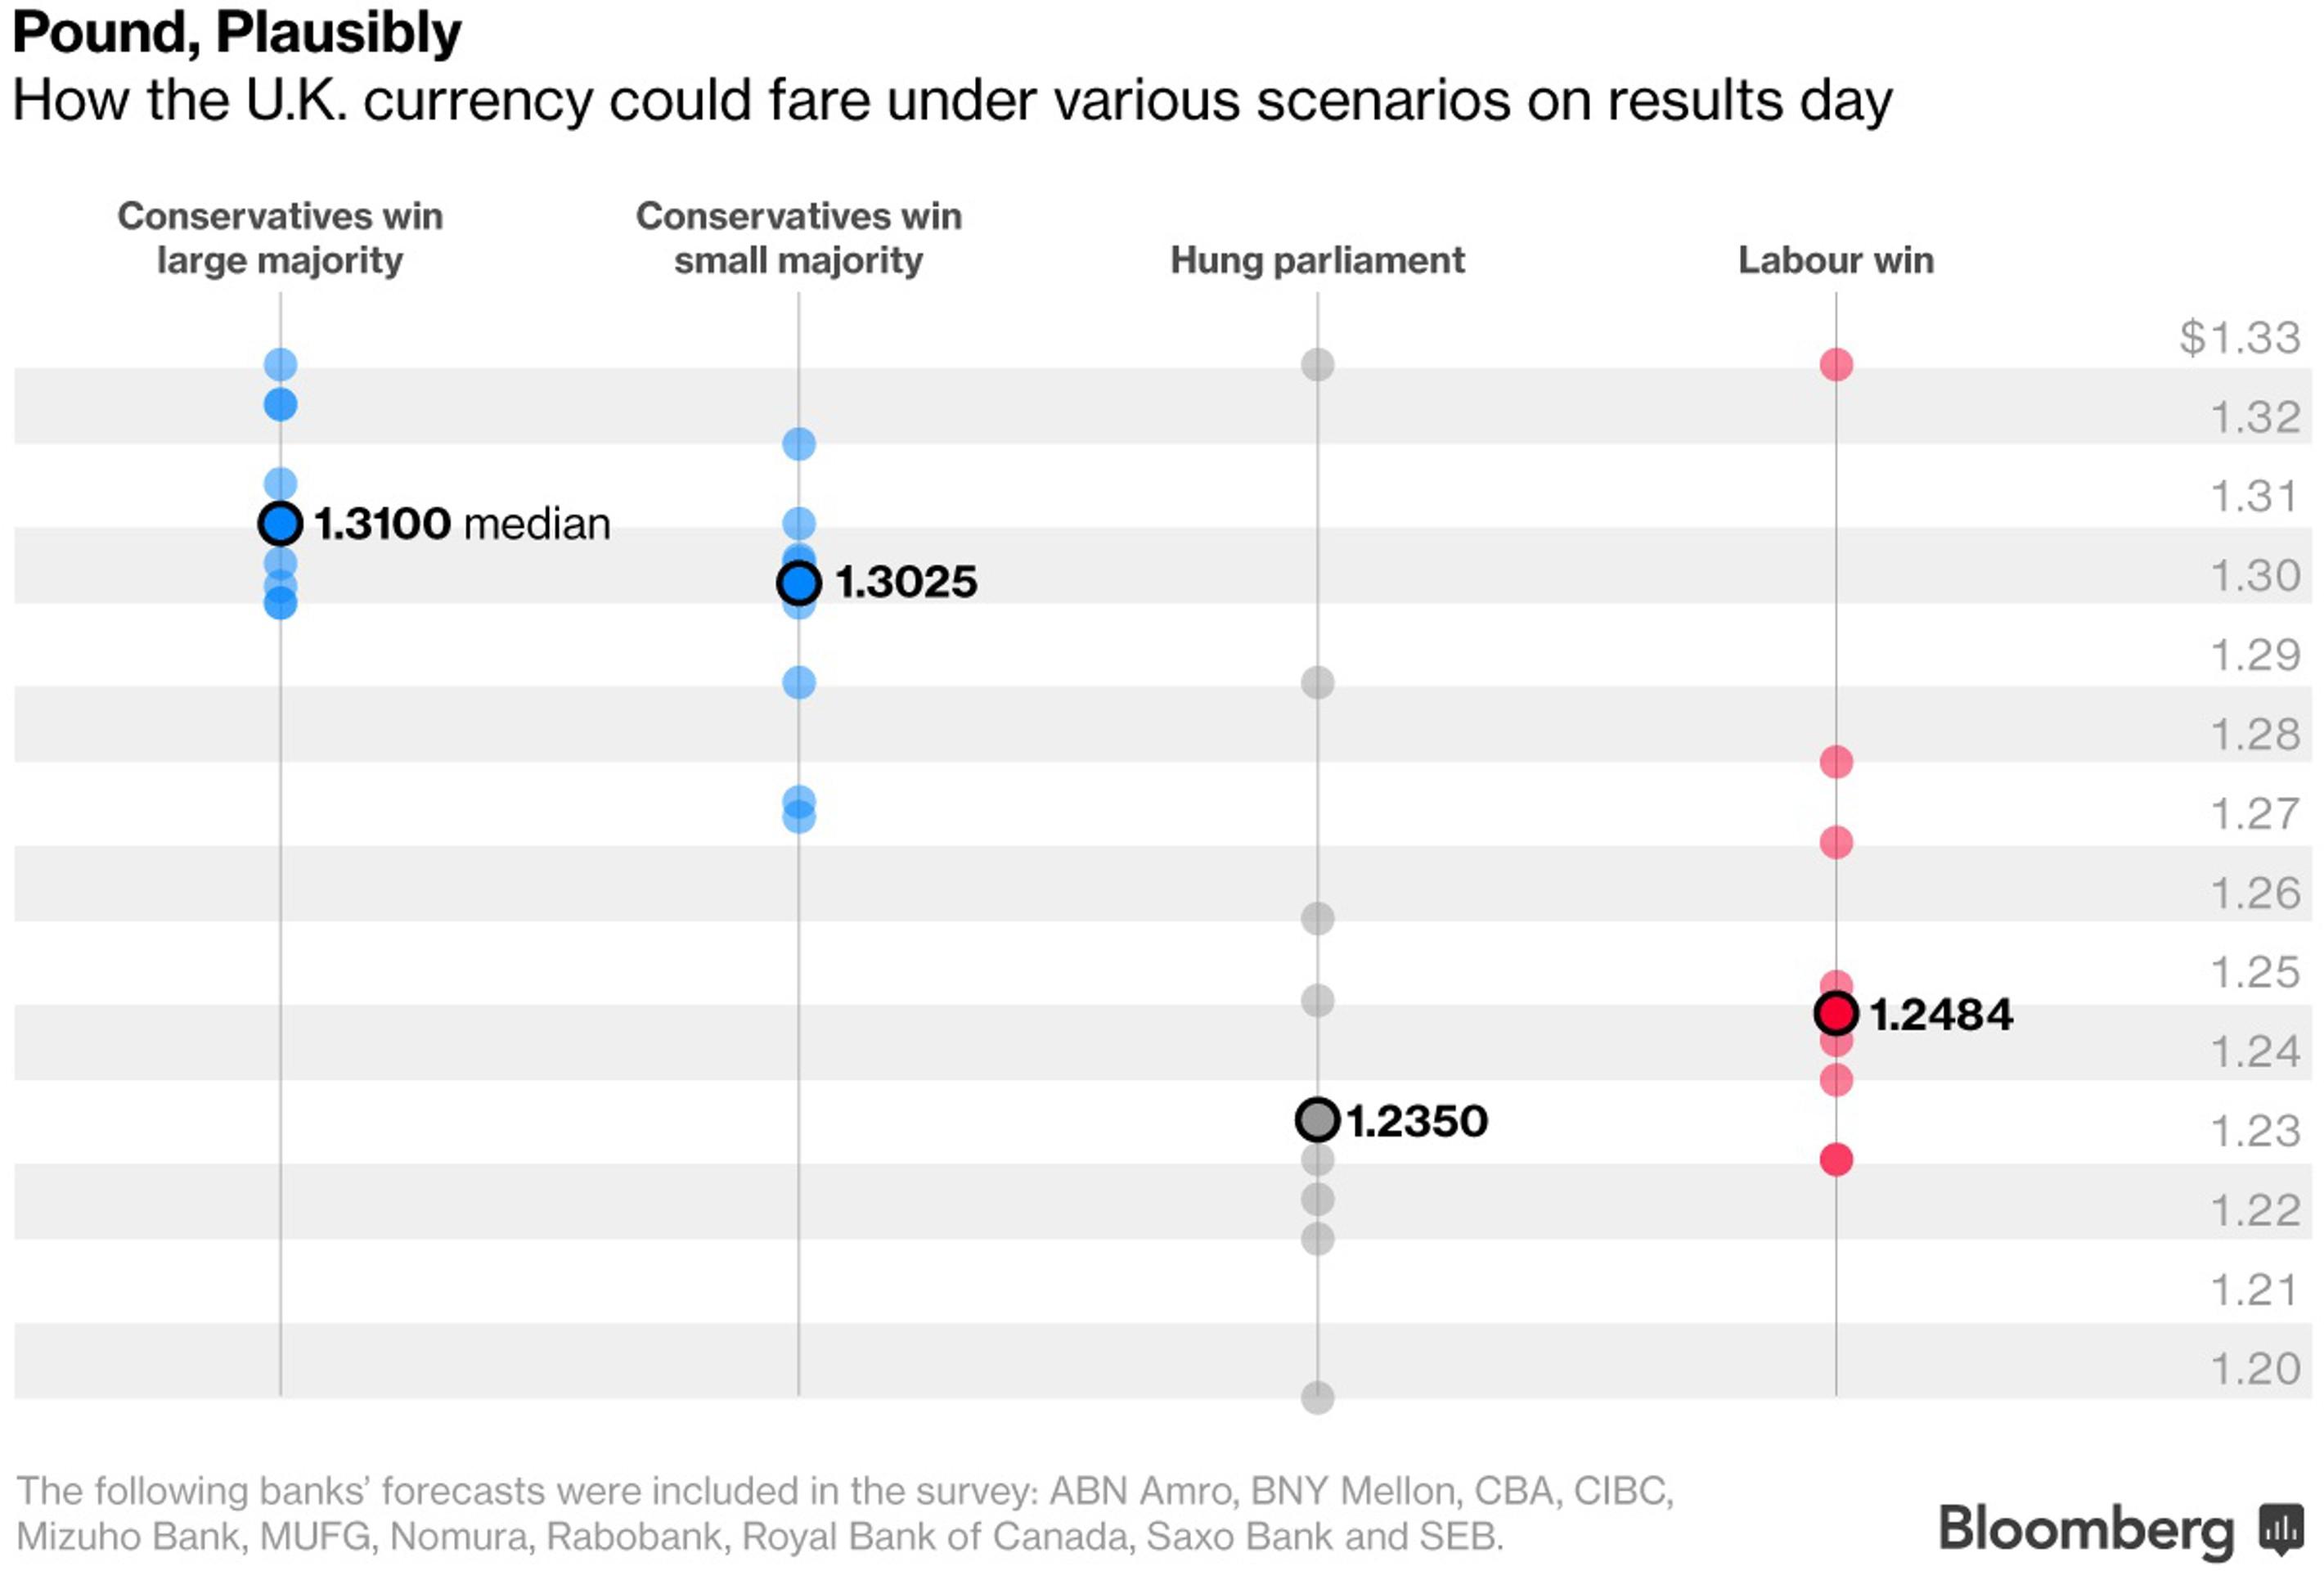 Фунт может упасть до $1,2 уже в пятницу